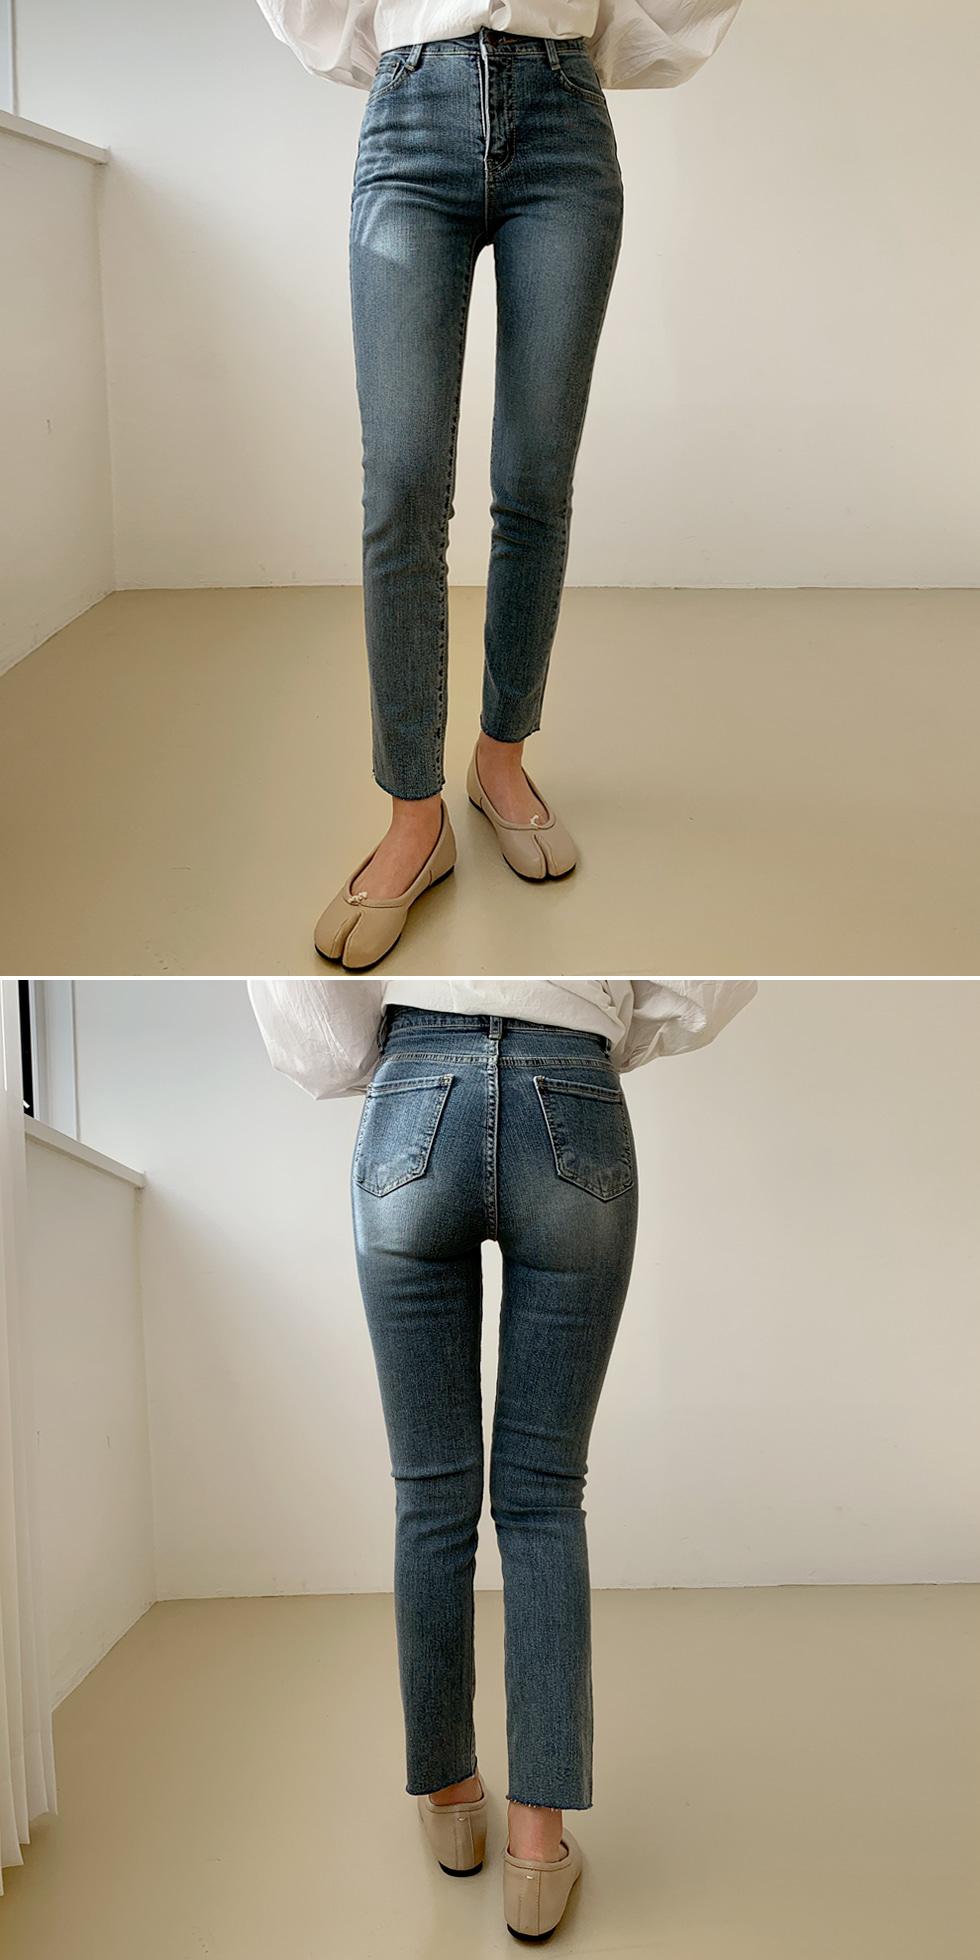 Freckle Denim Pants